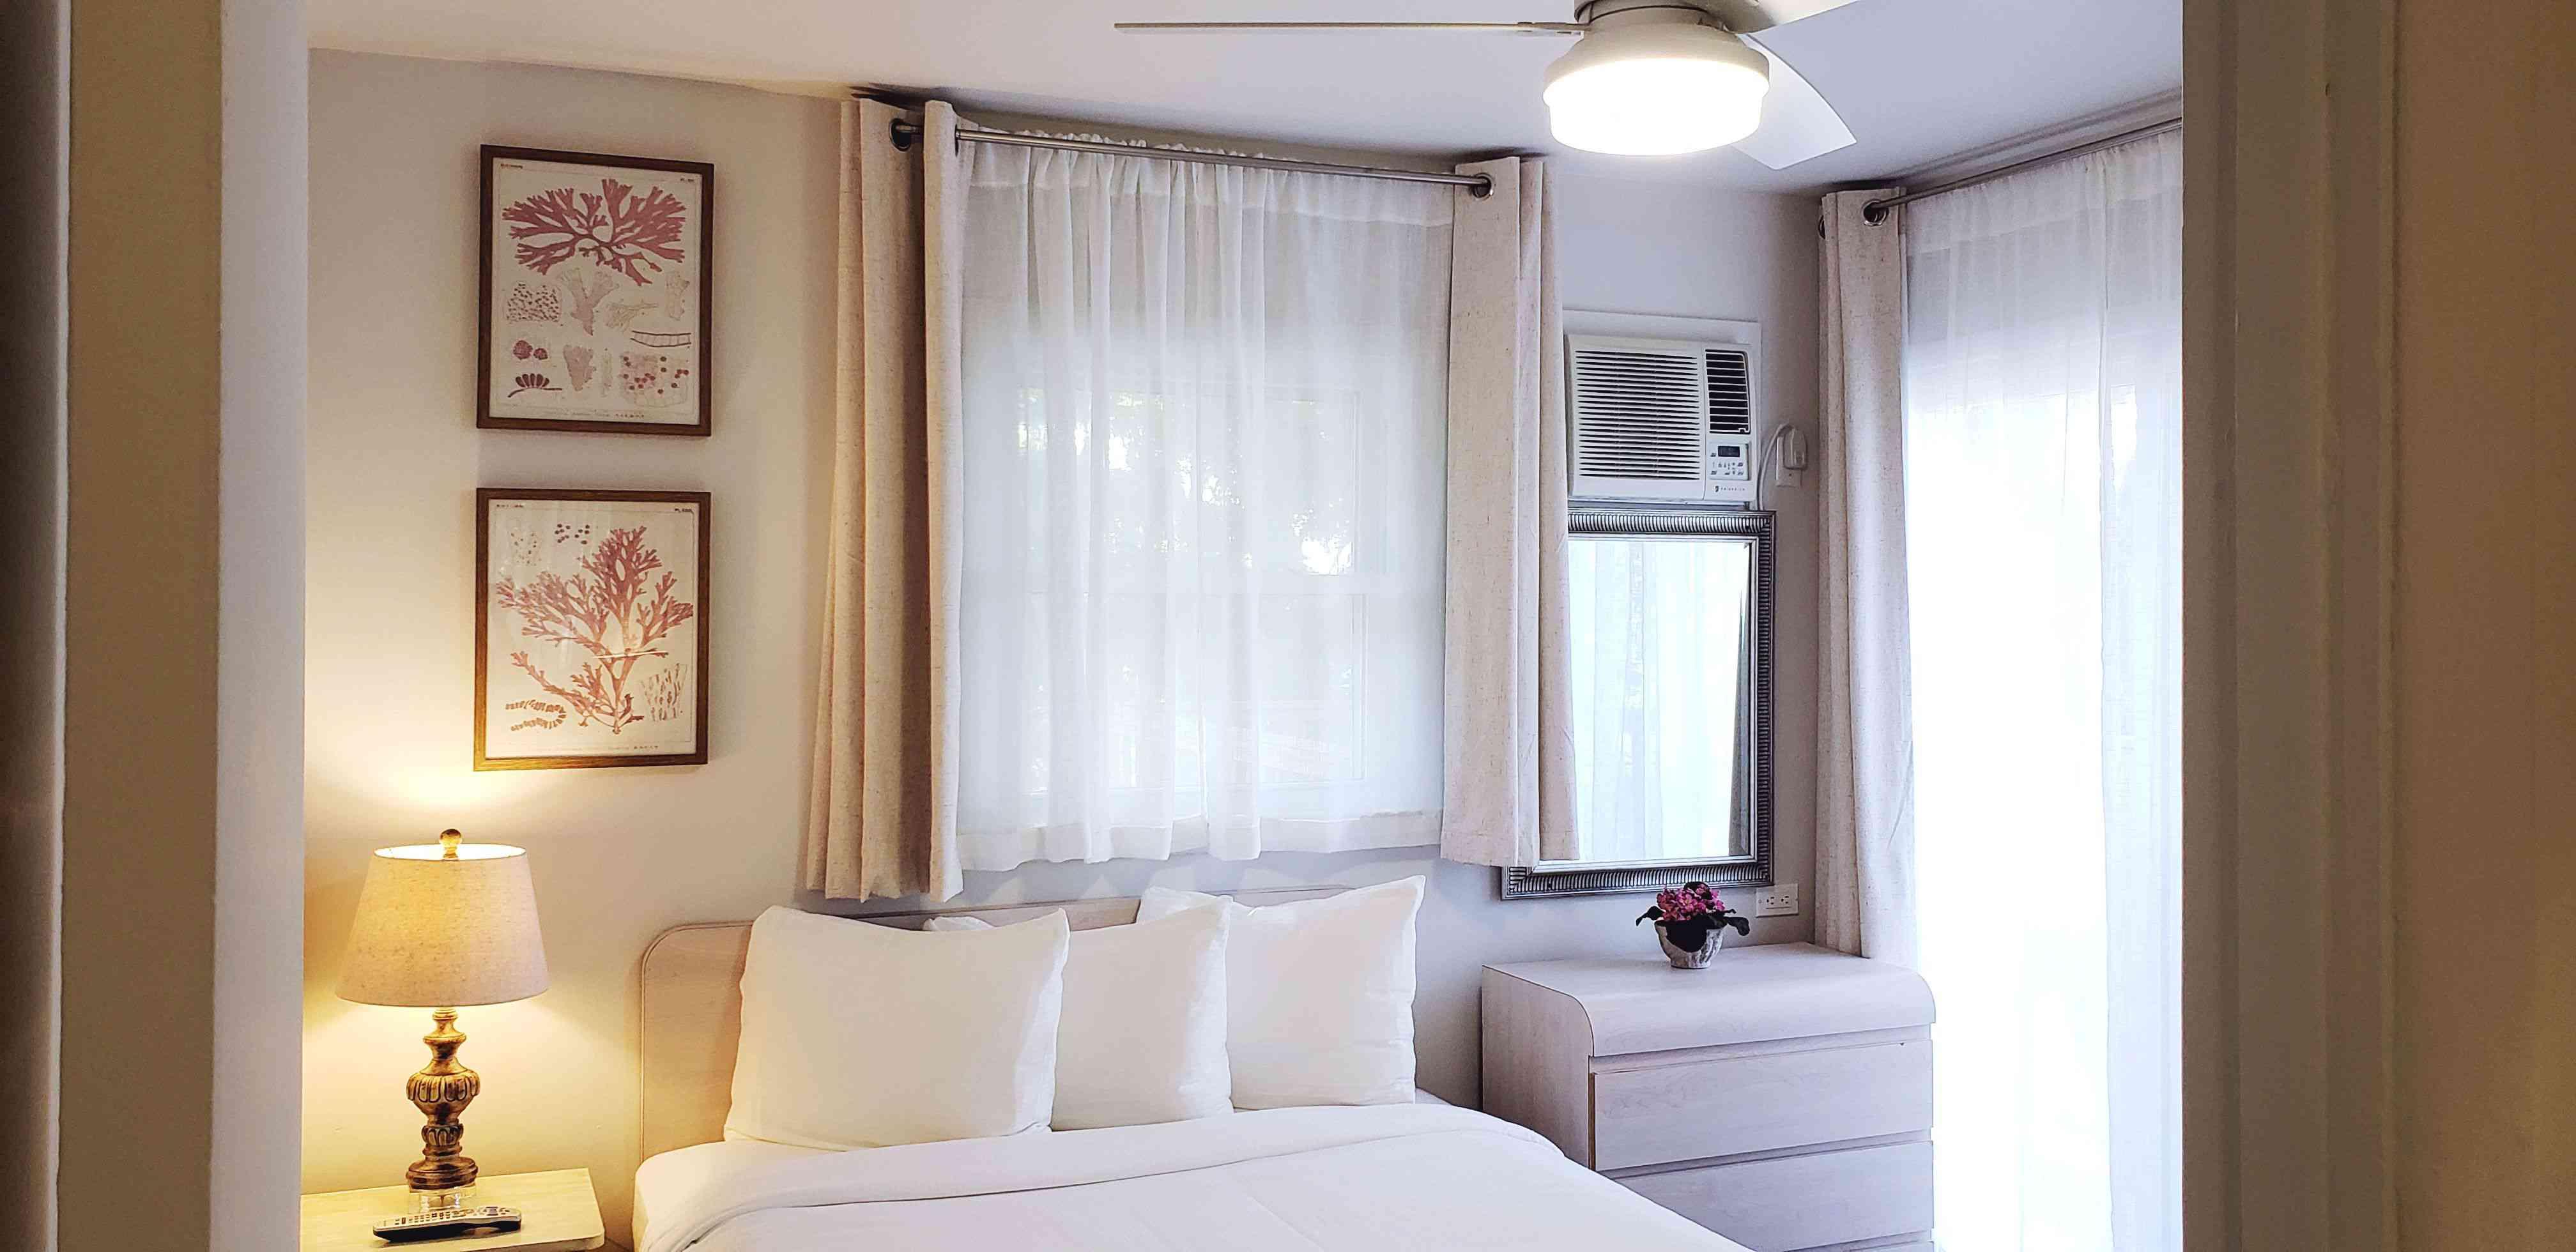 Oceanview Terrace Motel